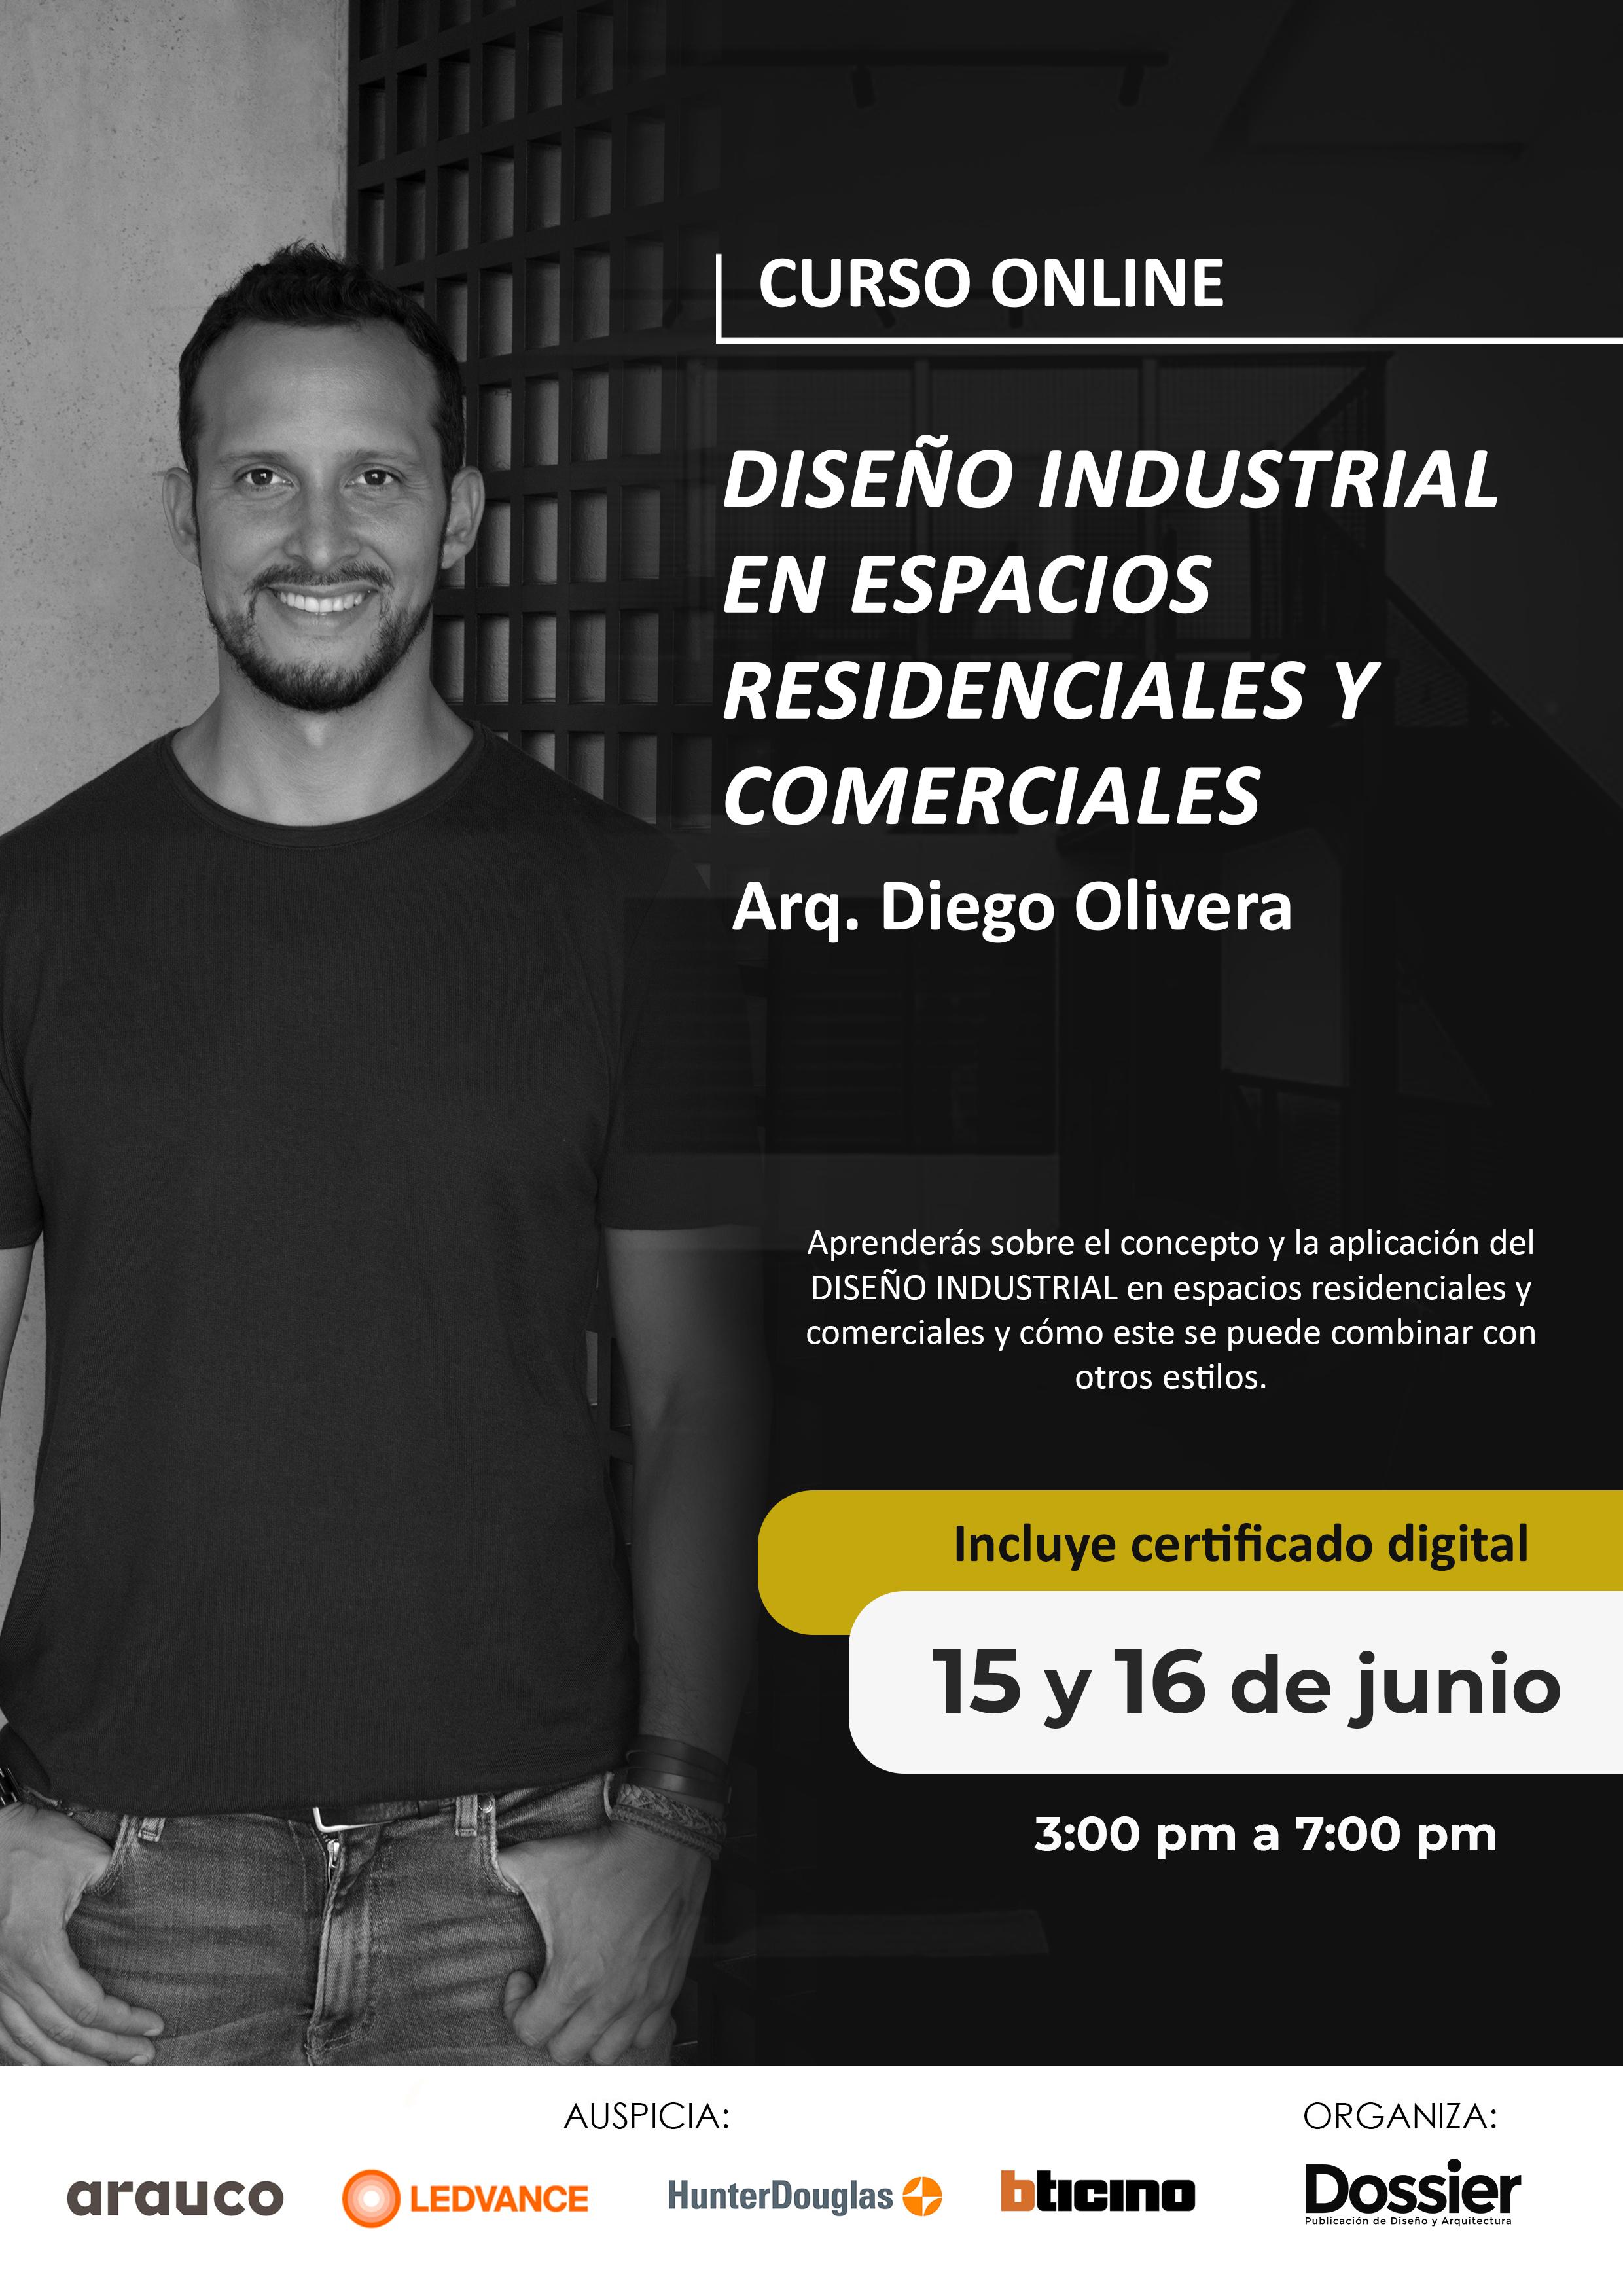 Diseño industrial en espacios residenciales y comerciales